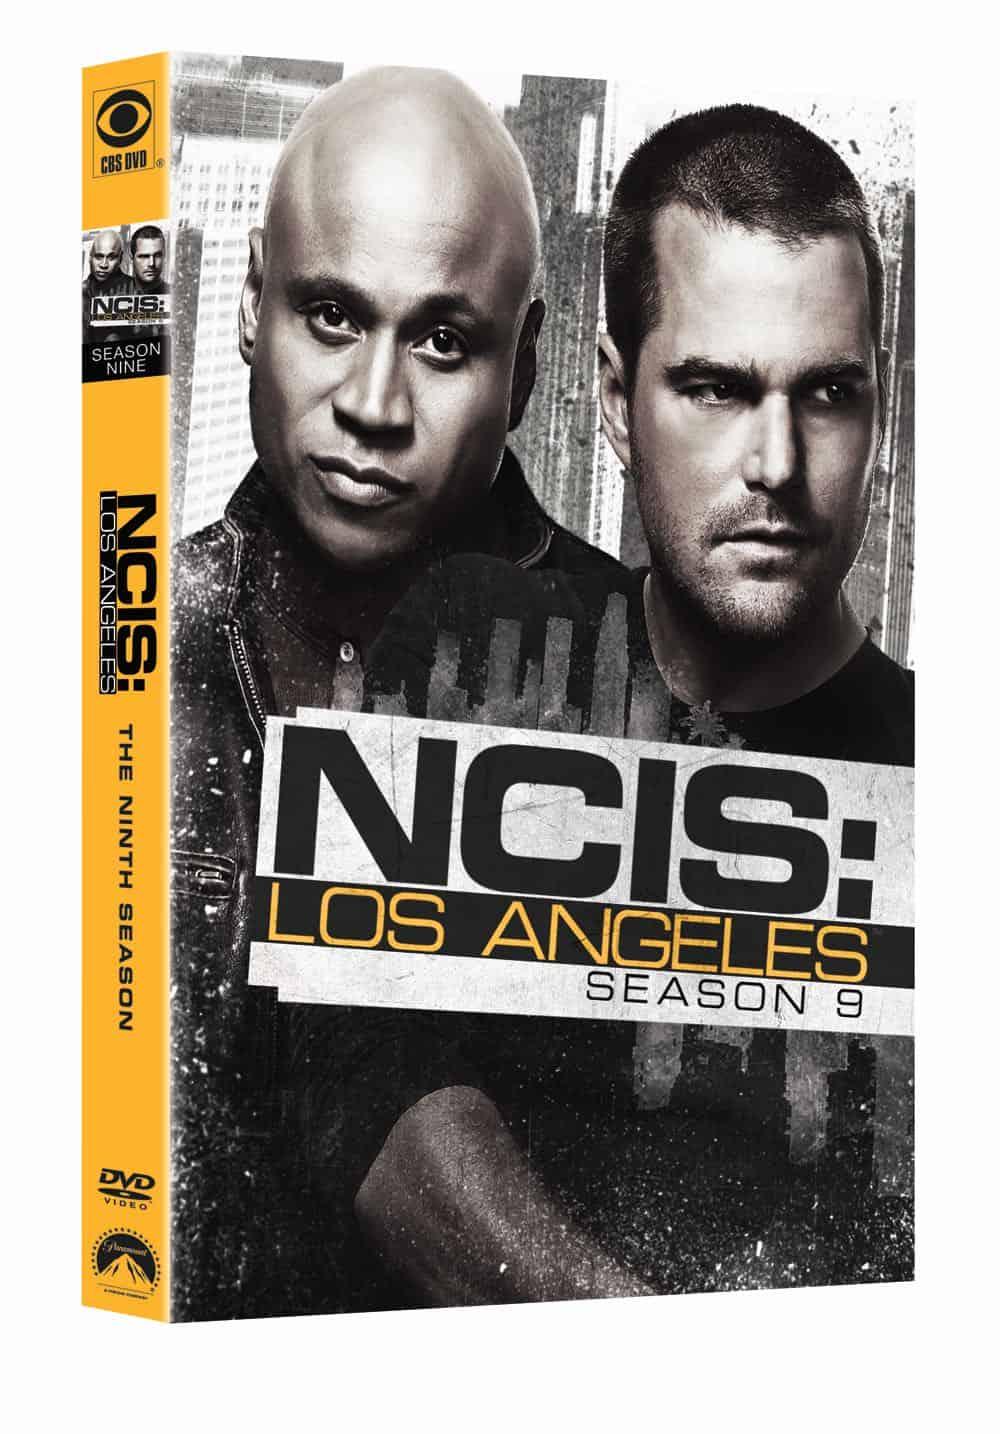 NCIS LOS ANGELES Season 9 DVD Cover 1